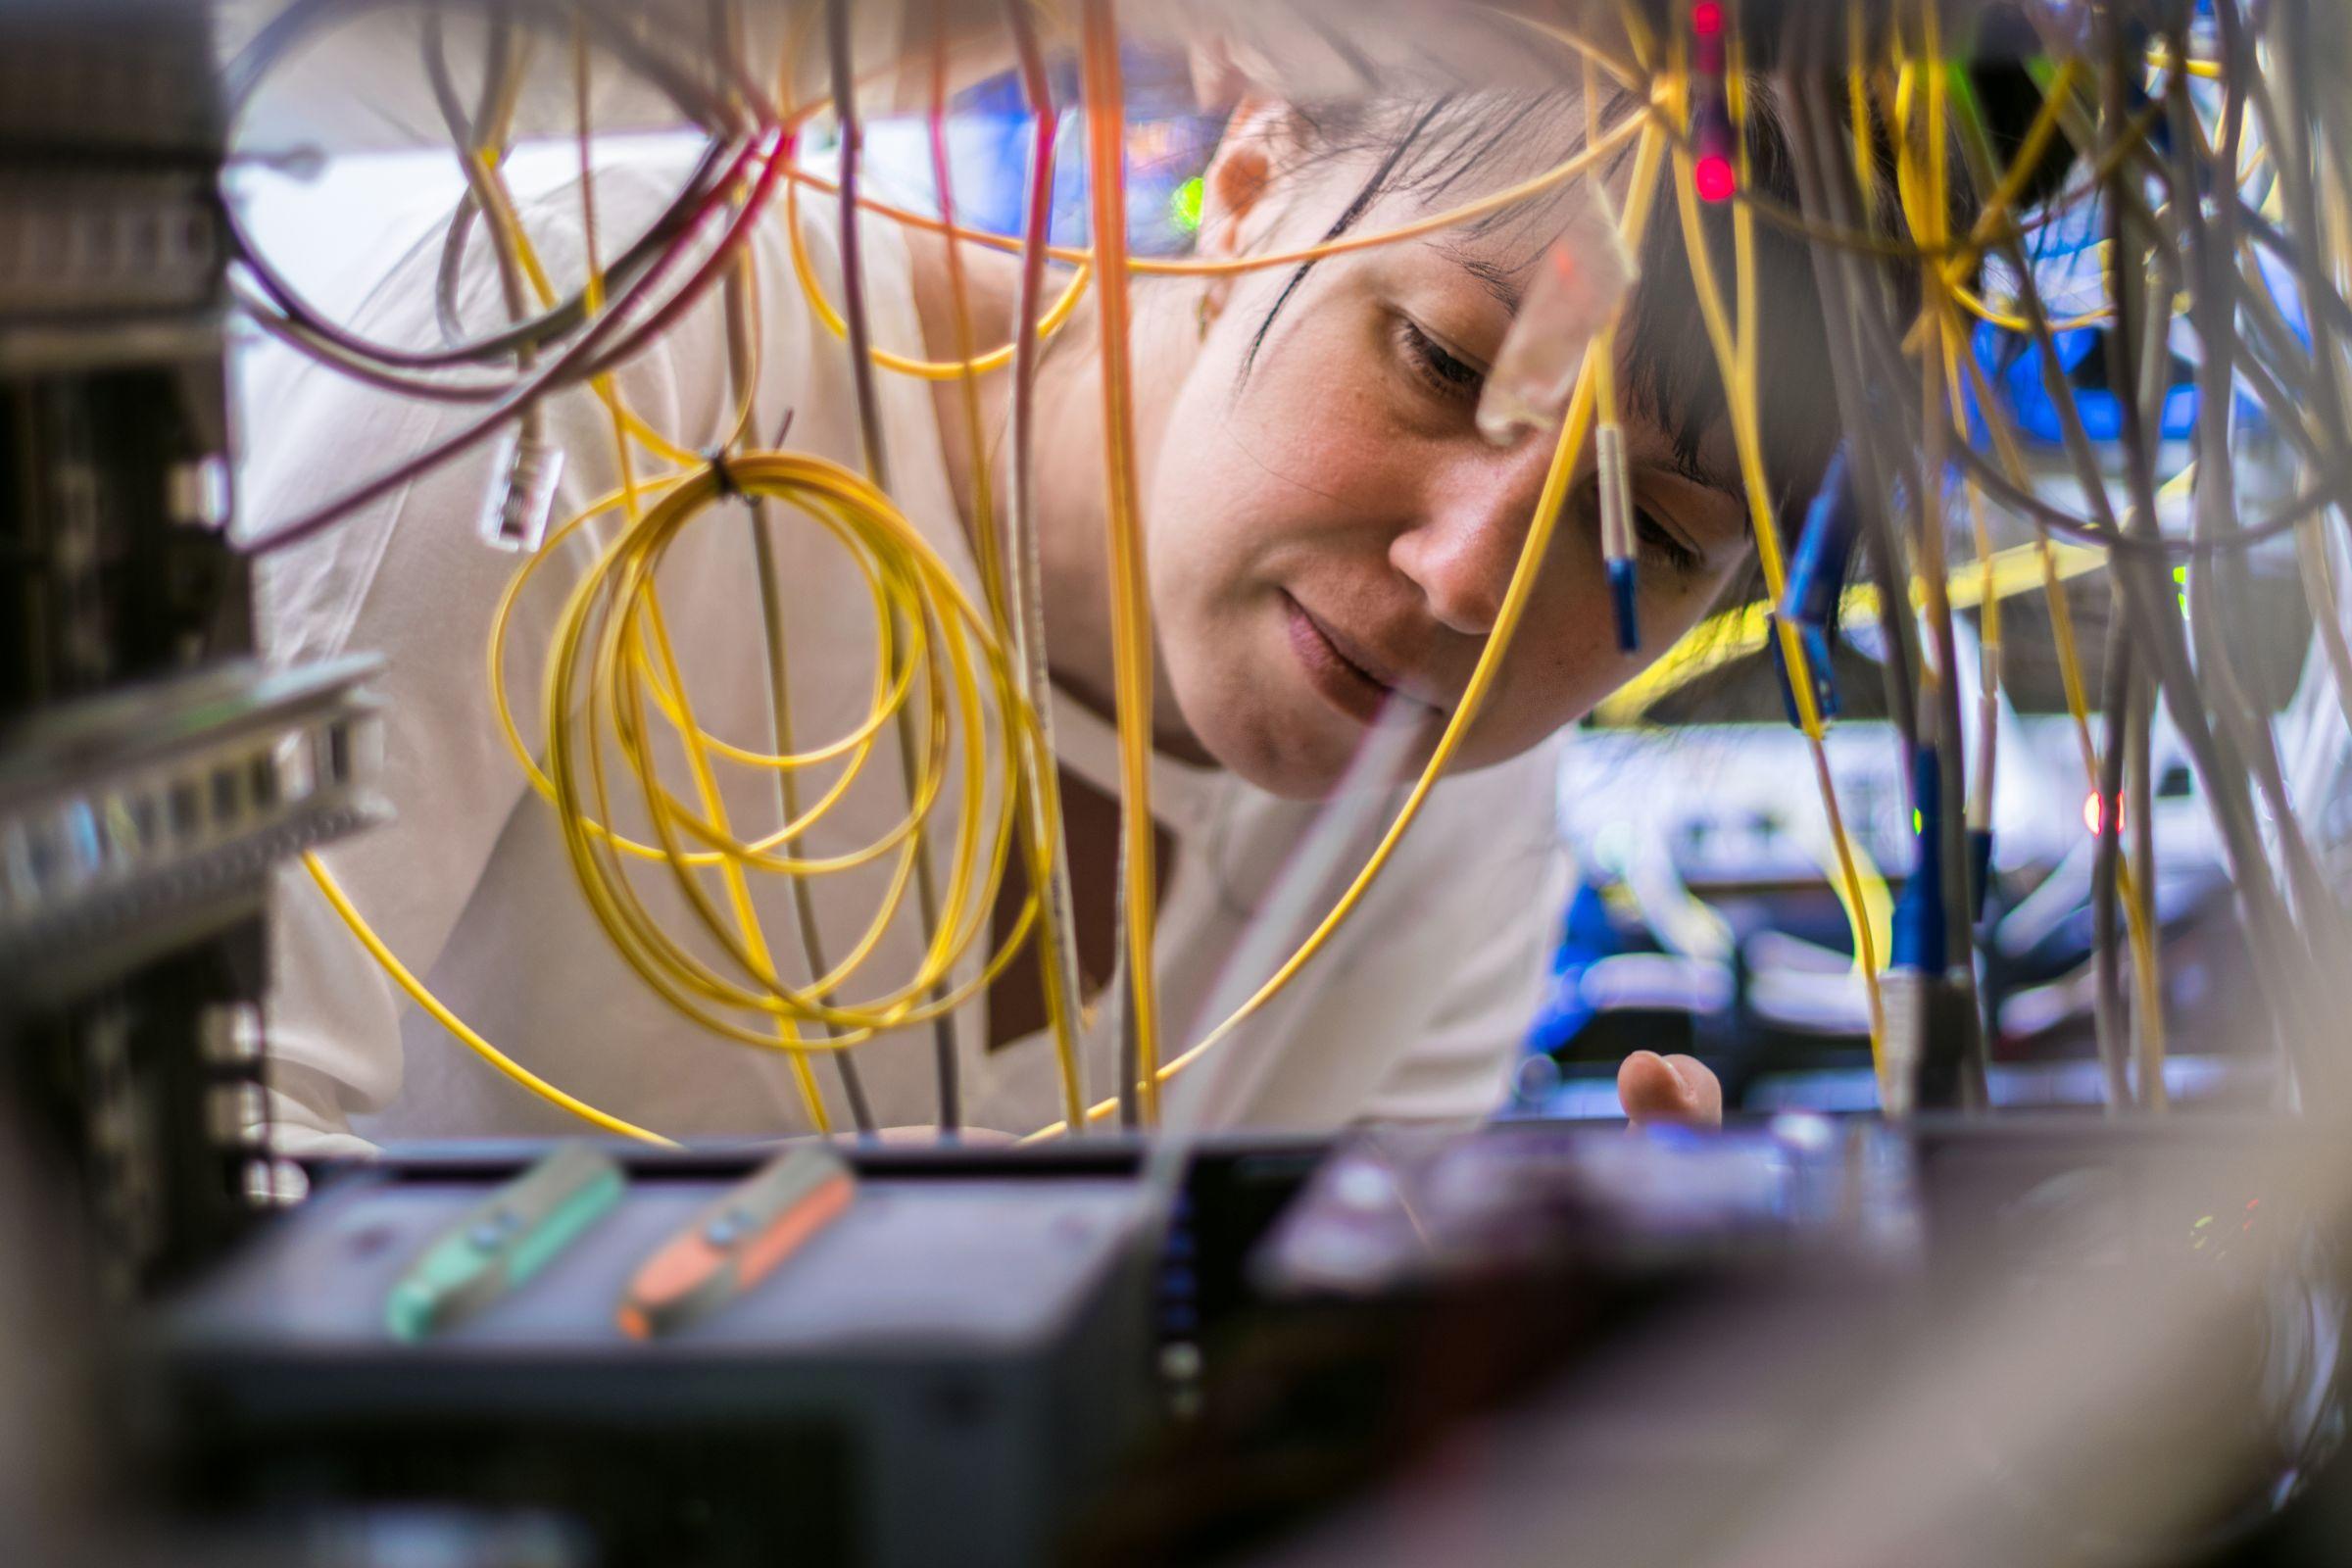 Ta kategoria obejmuje test BERT, centrum testowania światłowodów i narzędzie do testowania optycznego.